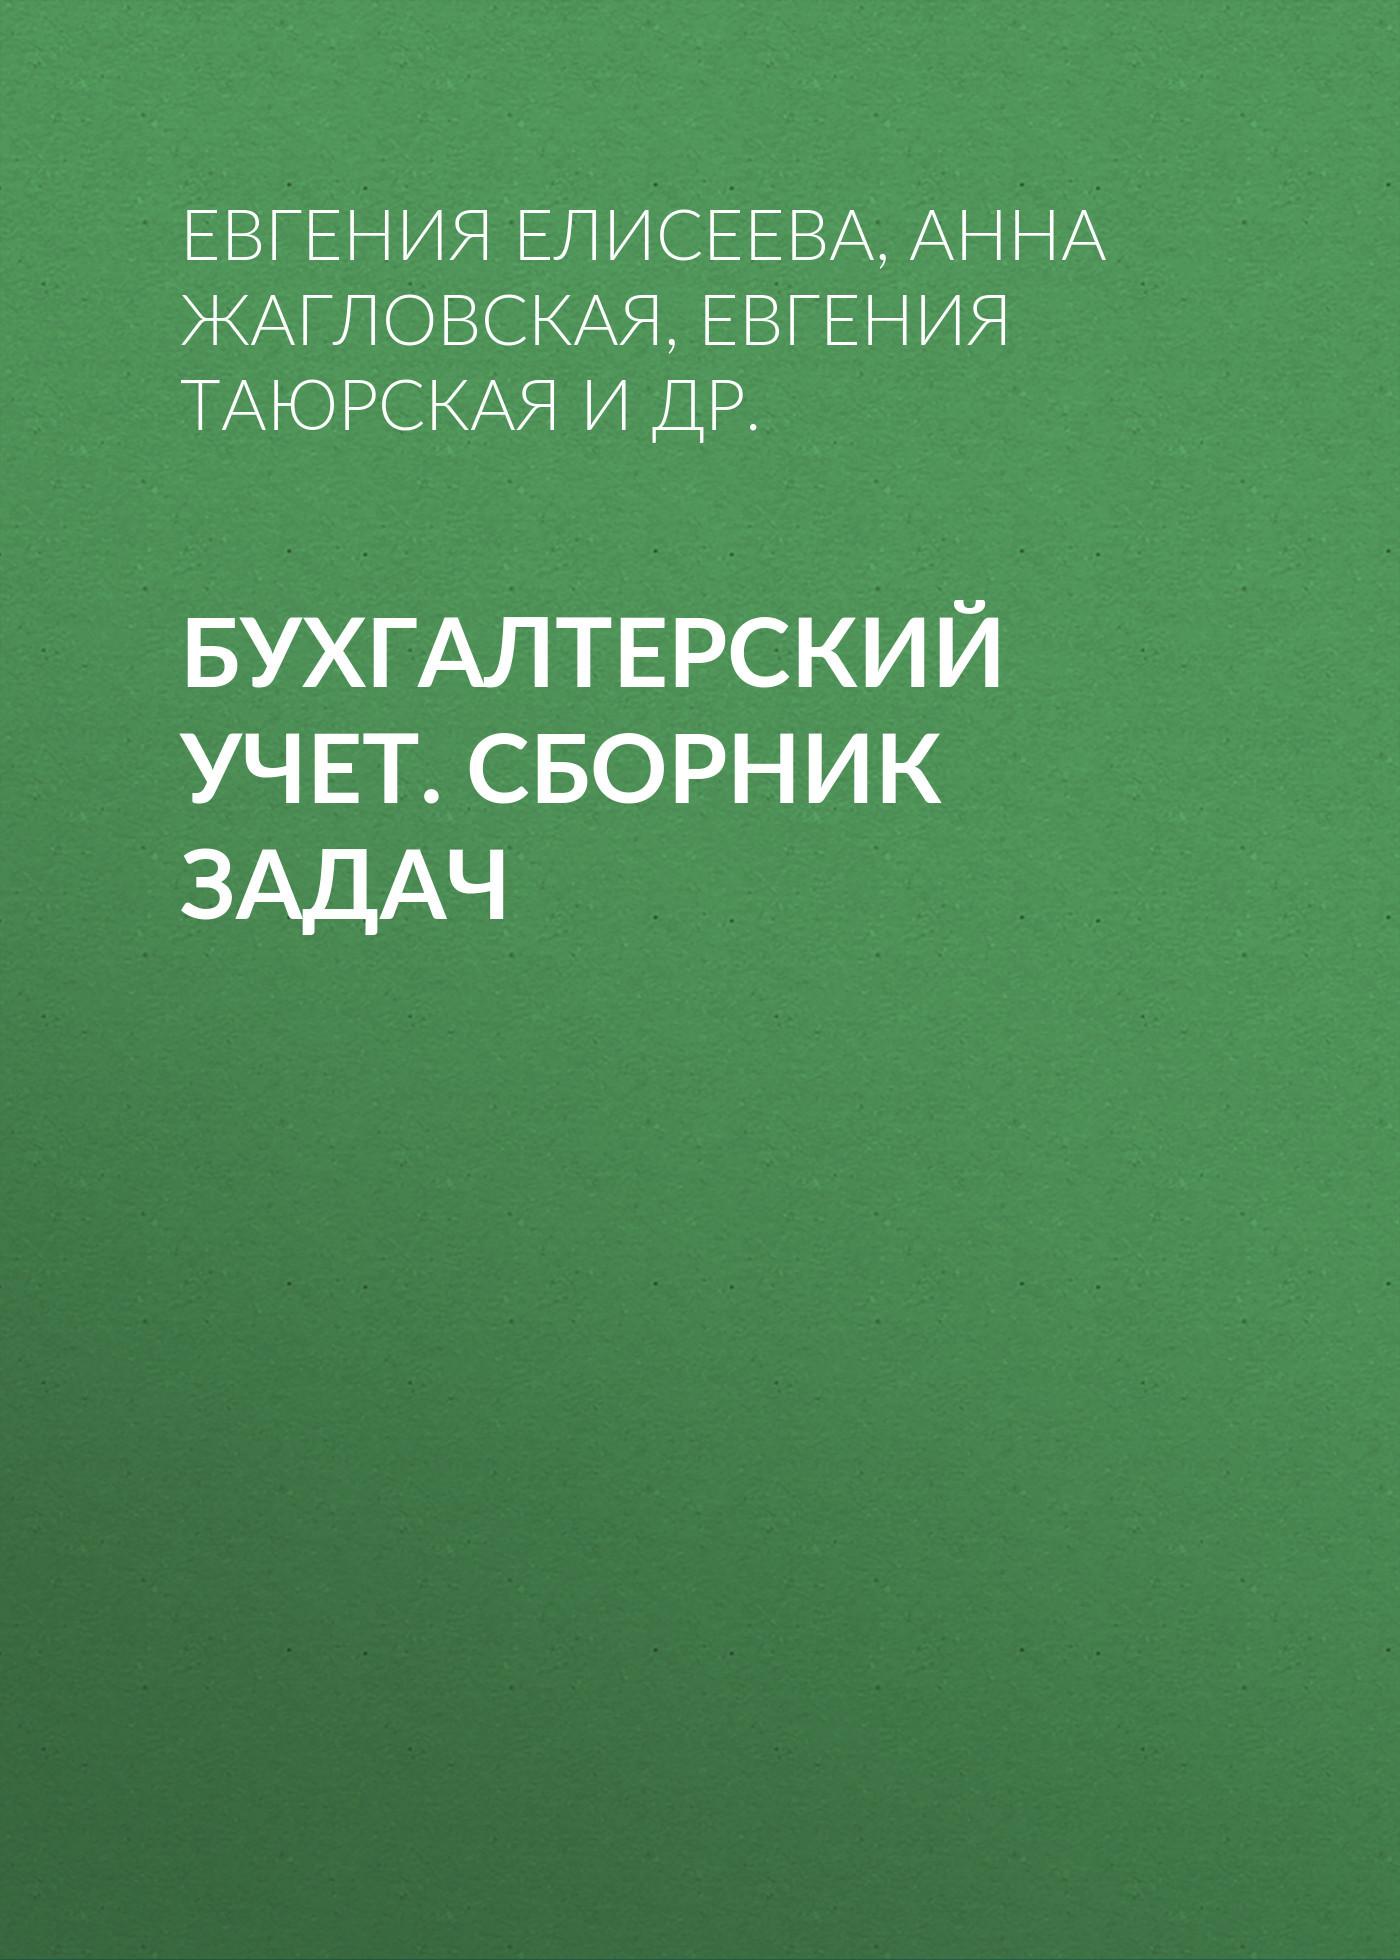 Евгения Елисеева Бухгалтерский учет. Сборник задач